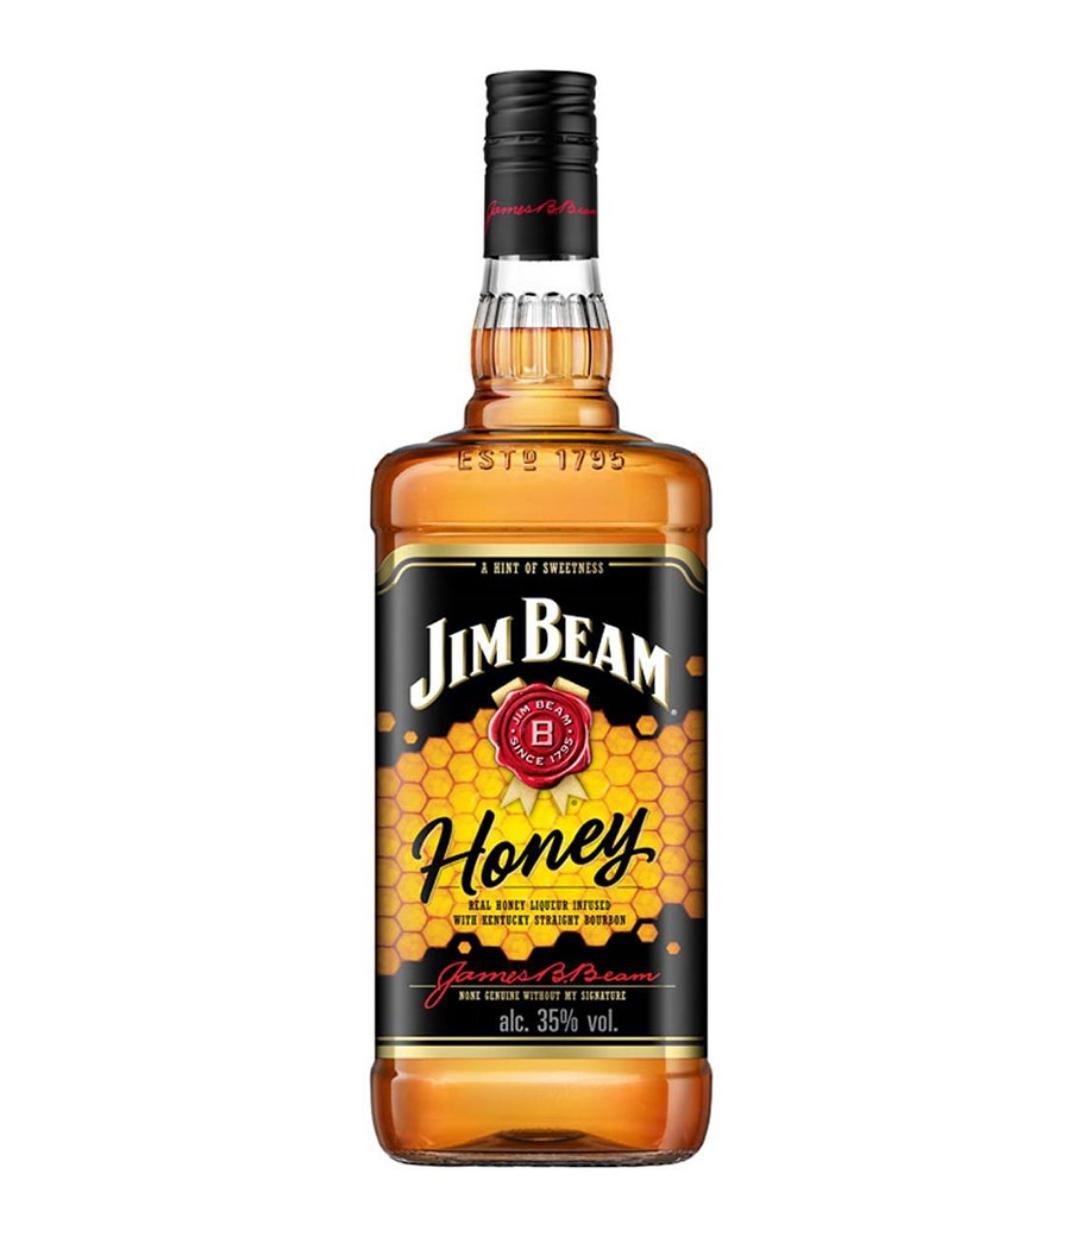 JIM BEAM HONEY BOURBON 700ml